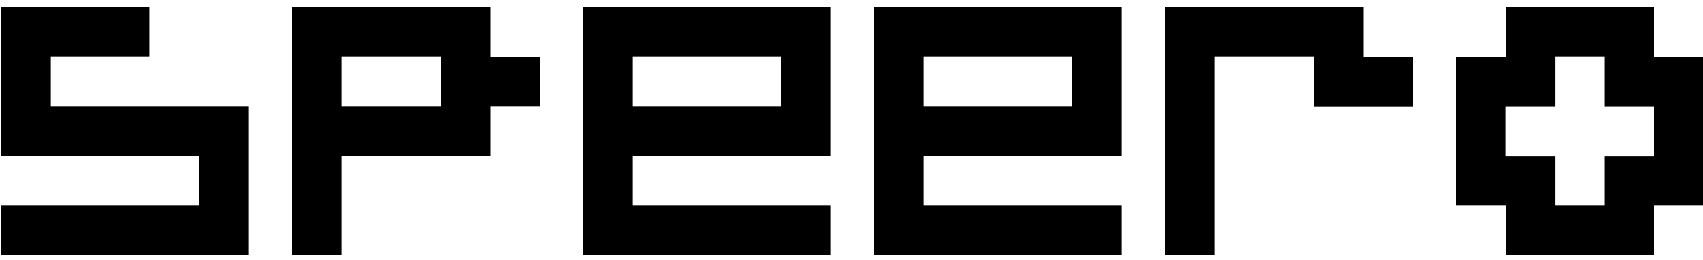 5peero